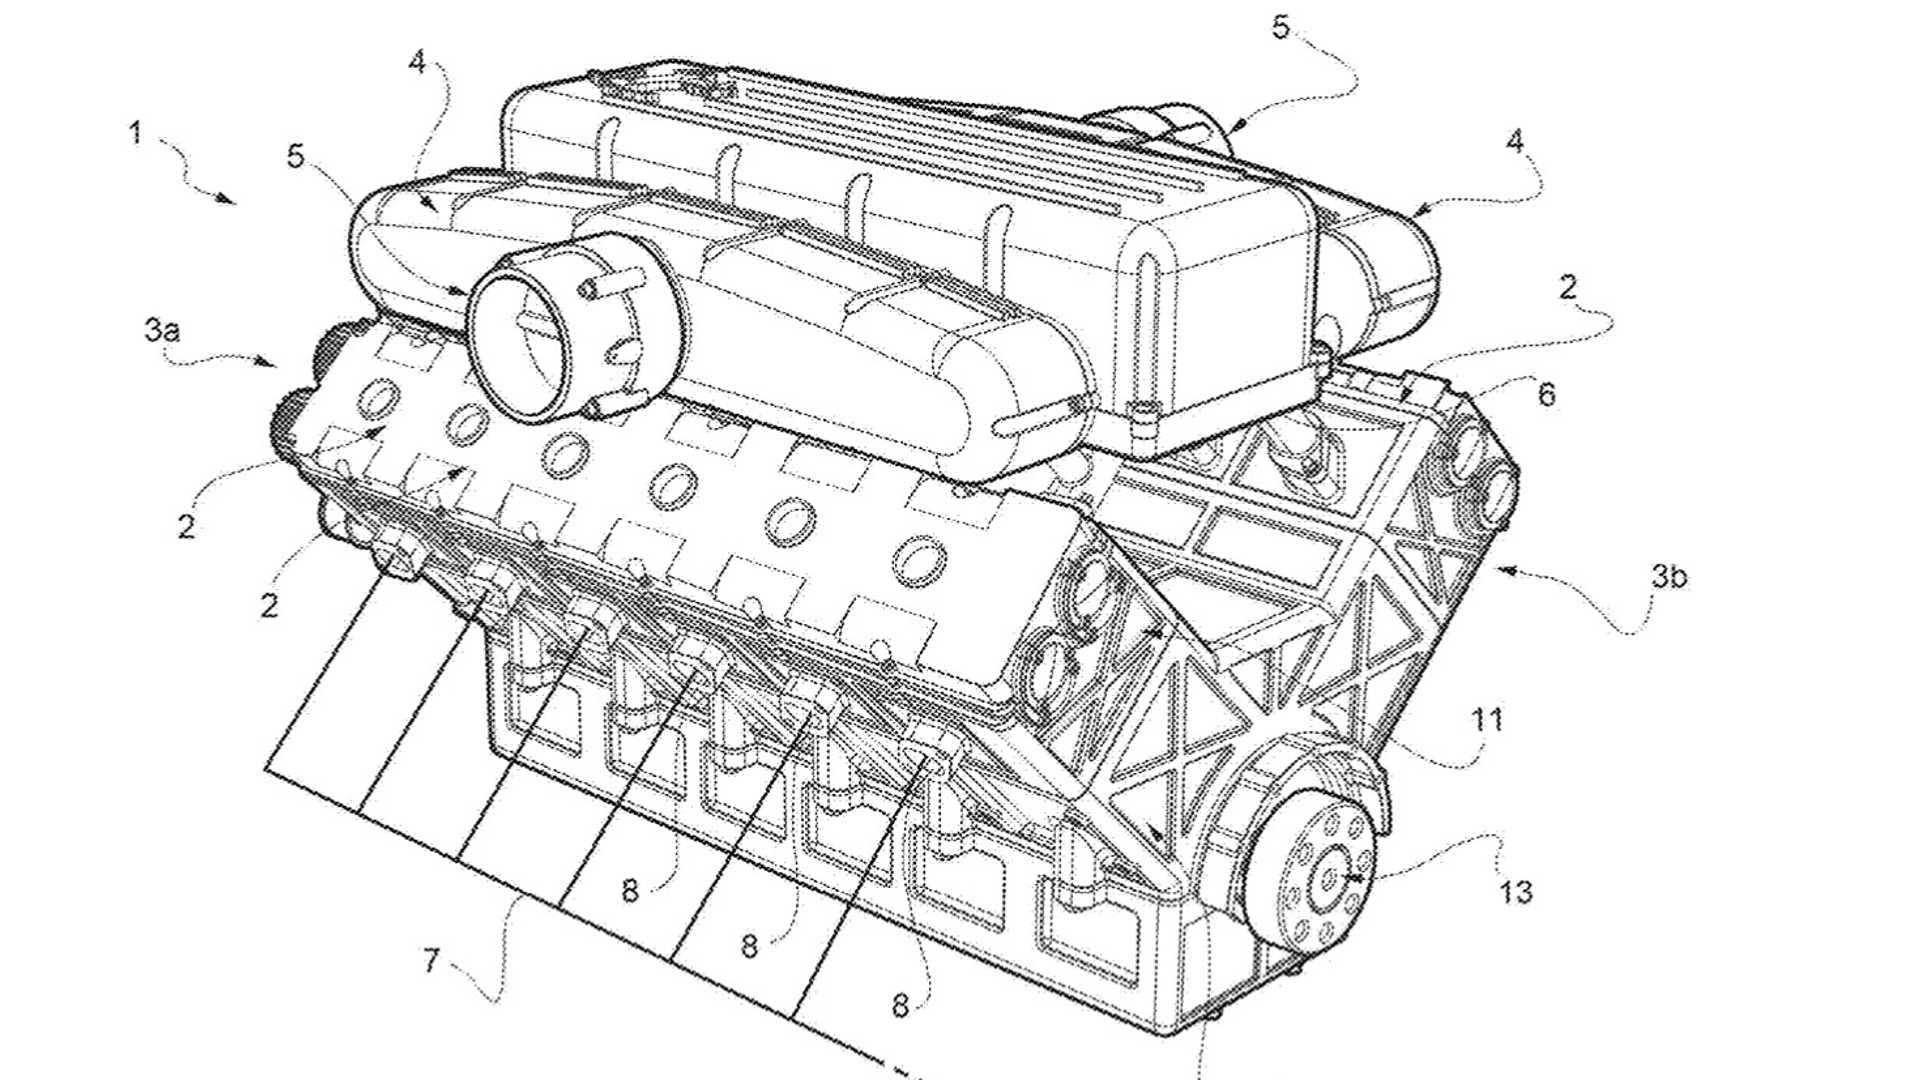 Ferrari-V12-engine-patent-1